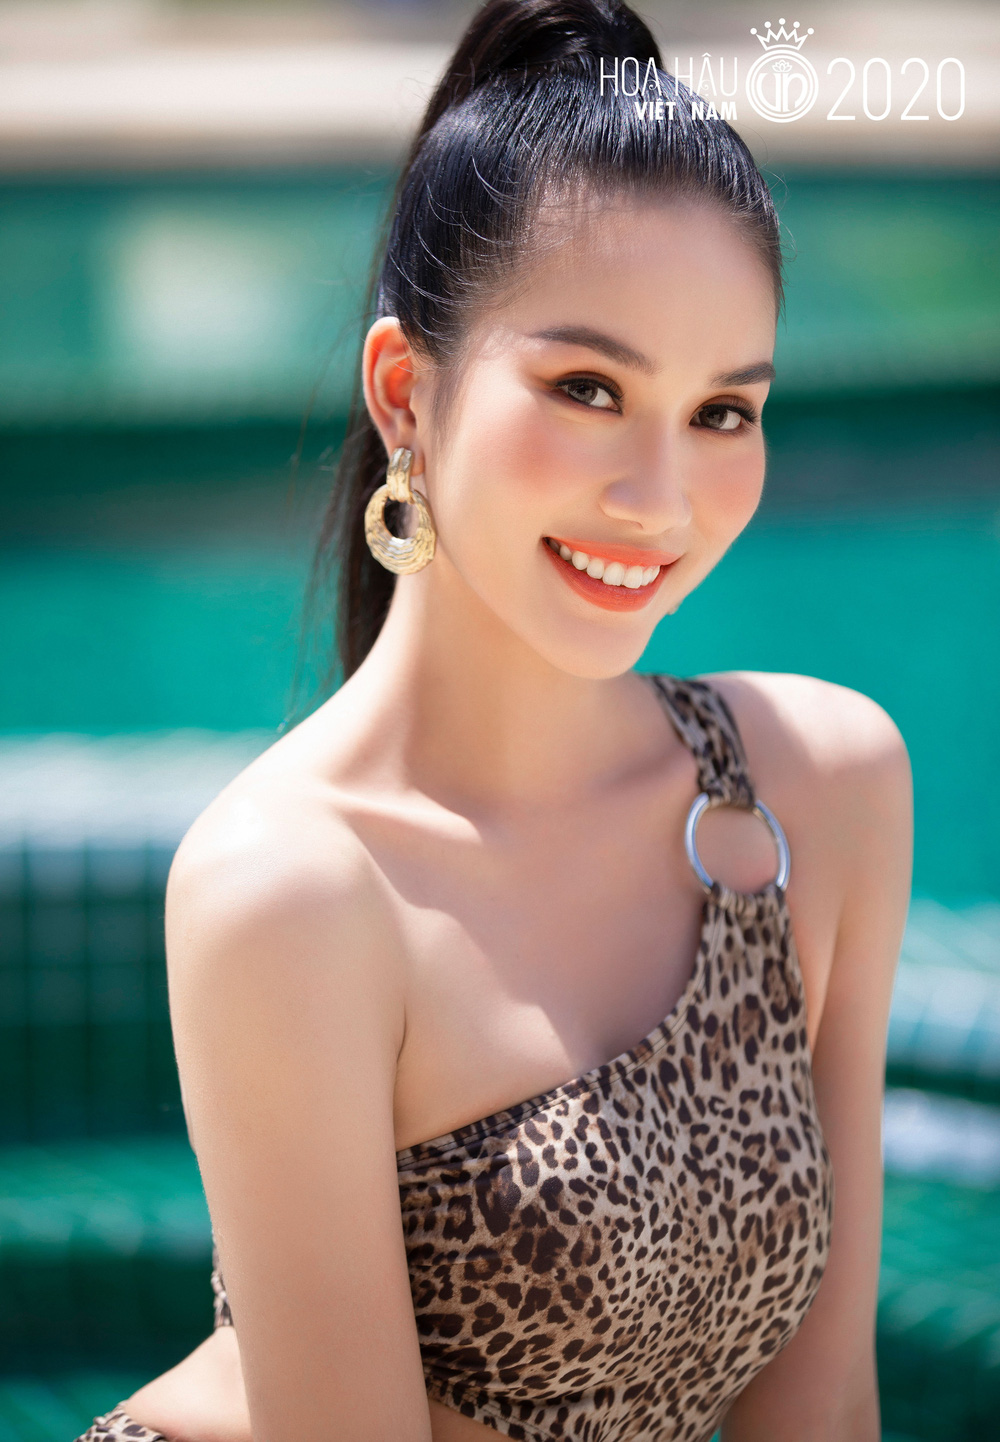 Trọn bộ ảnh bikini trước thềm Chung kết Hoa hậu Việt Nam 2020 - Ảnh 31.